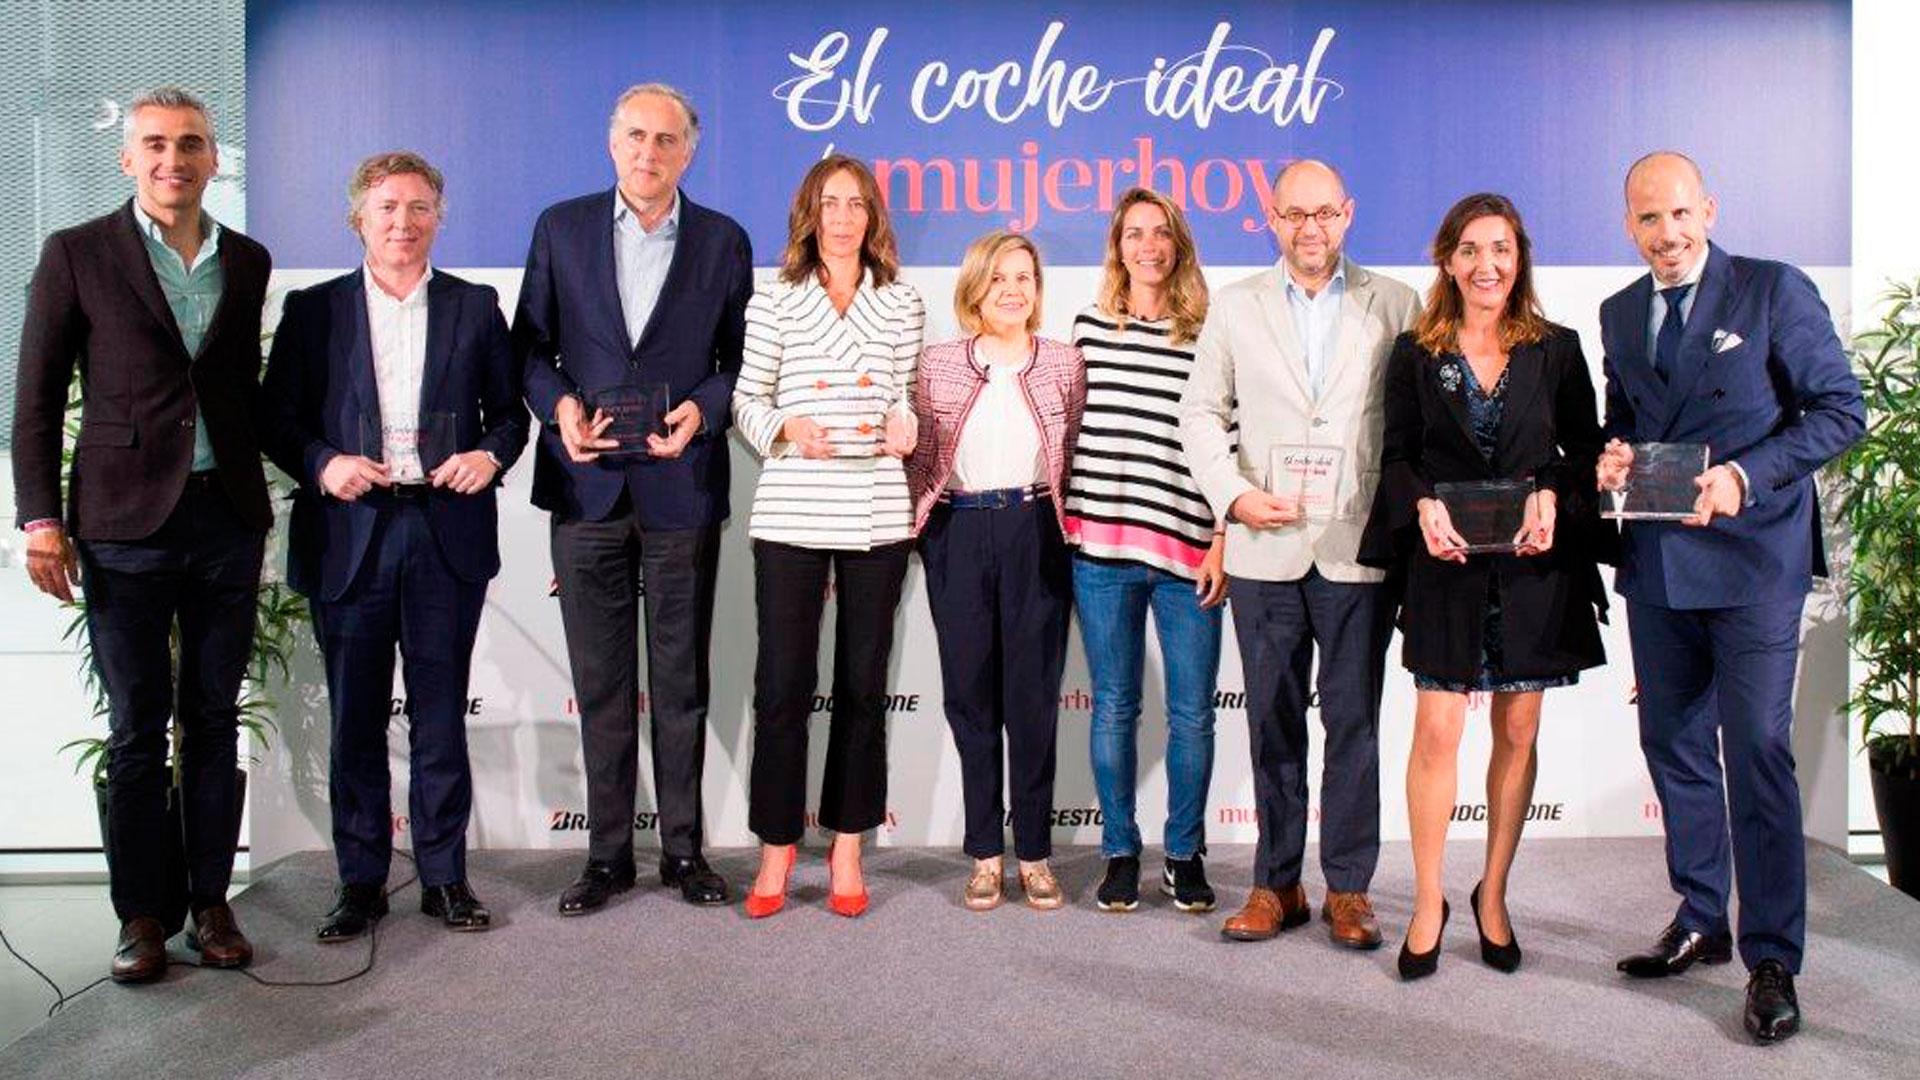 Premios mujerhoy 2018 hero asset